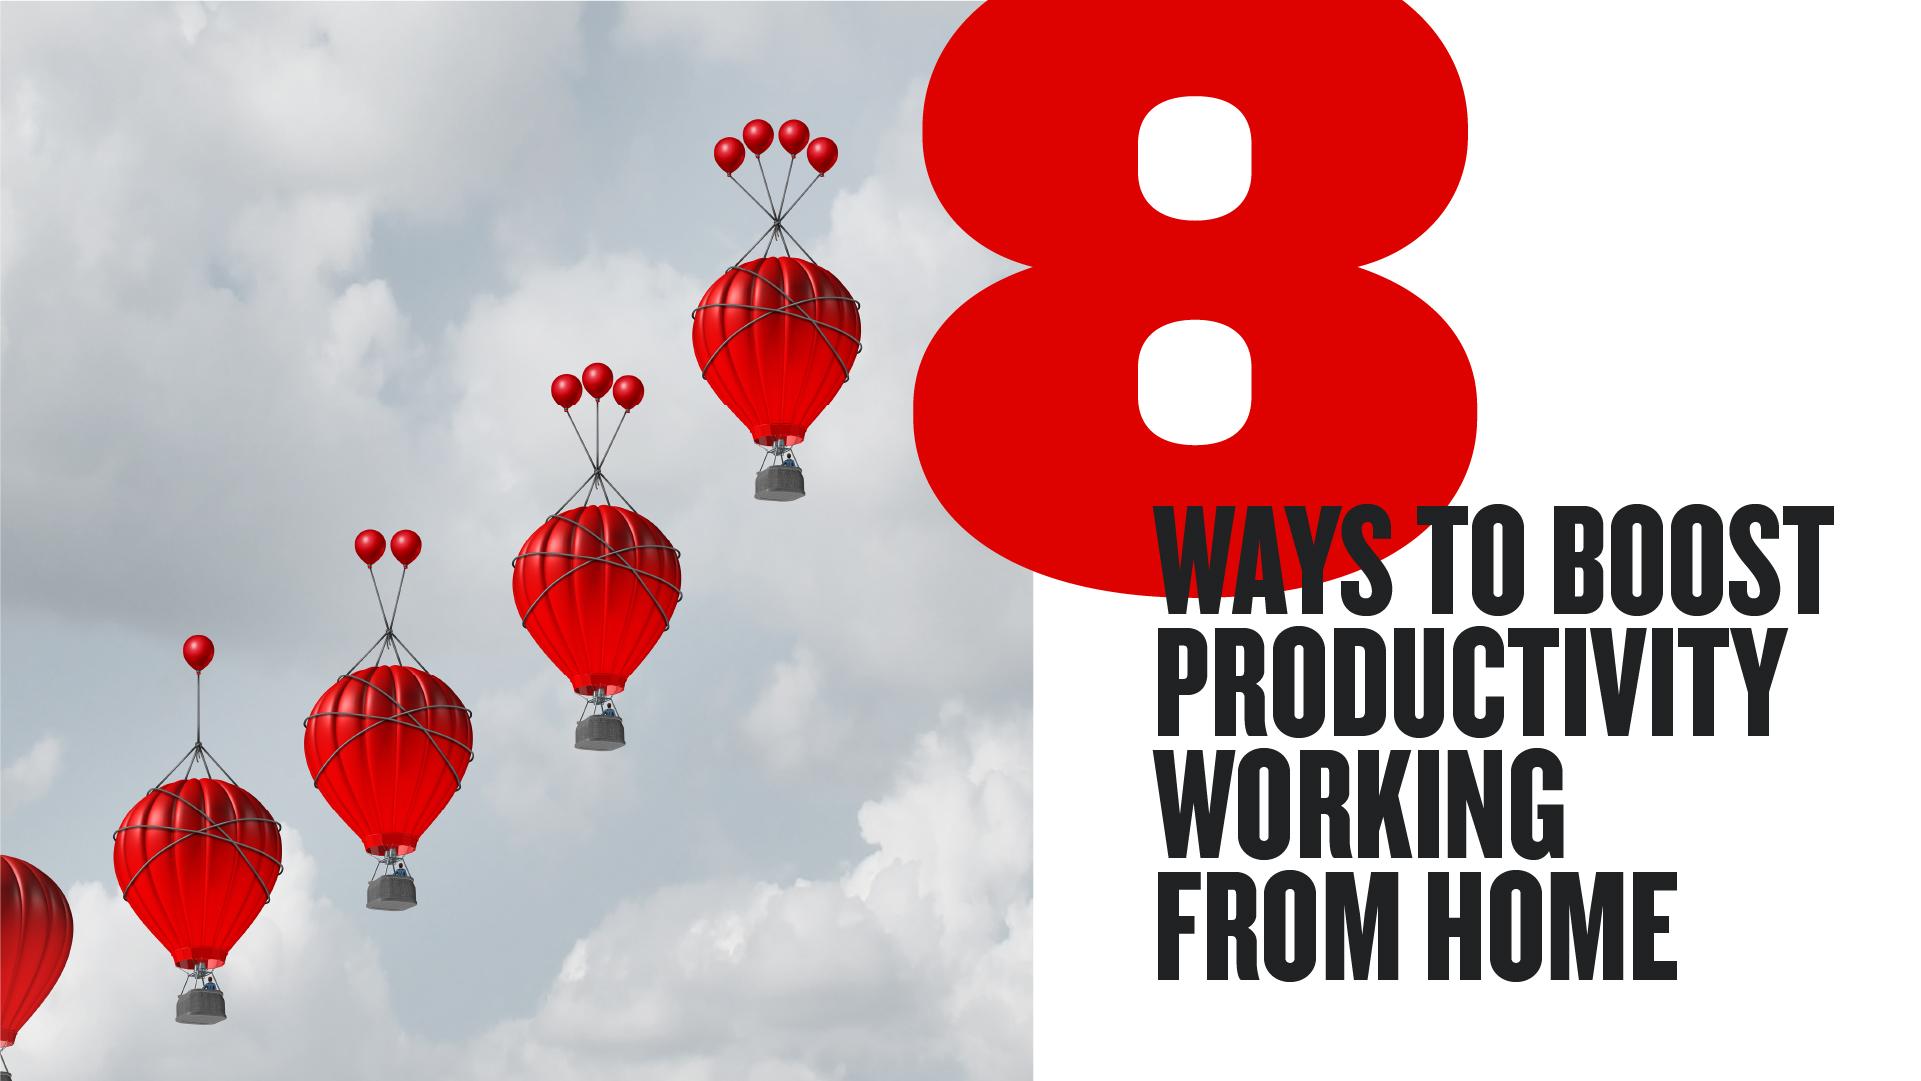 8种促进家庭工作的生产力的方法